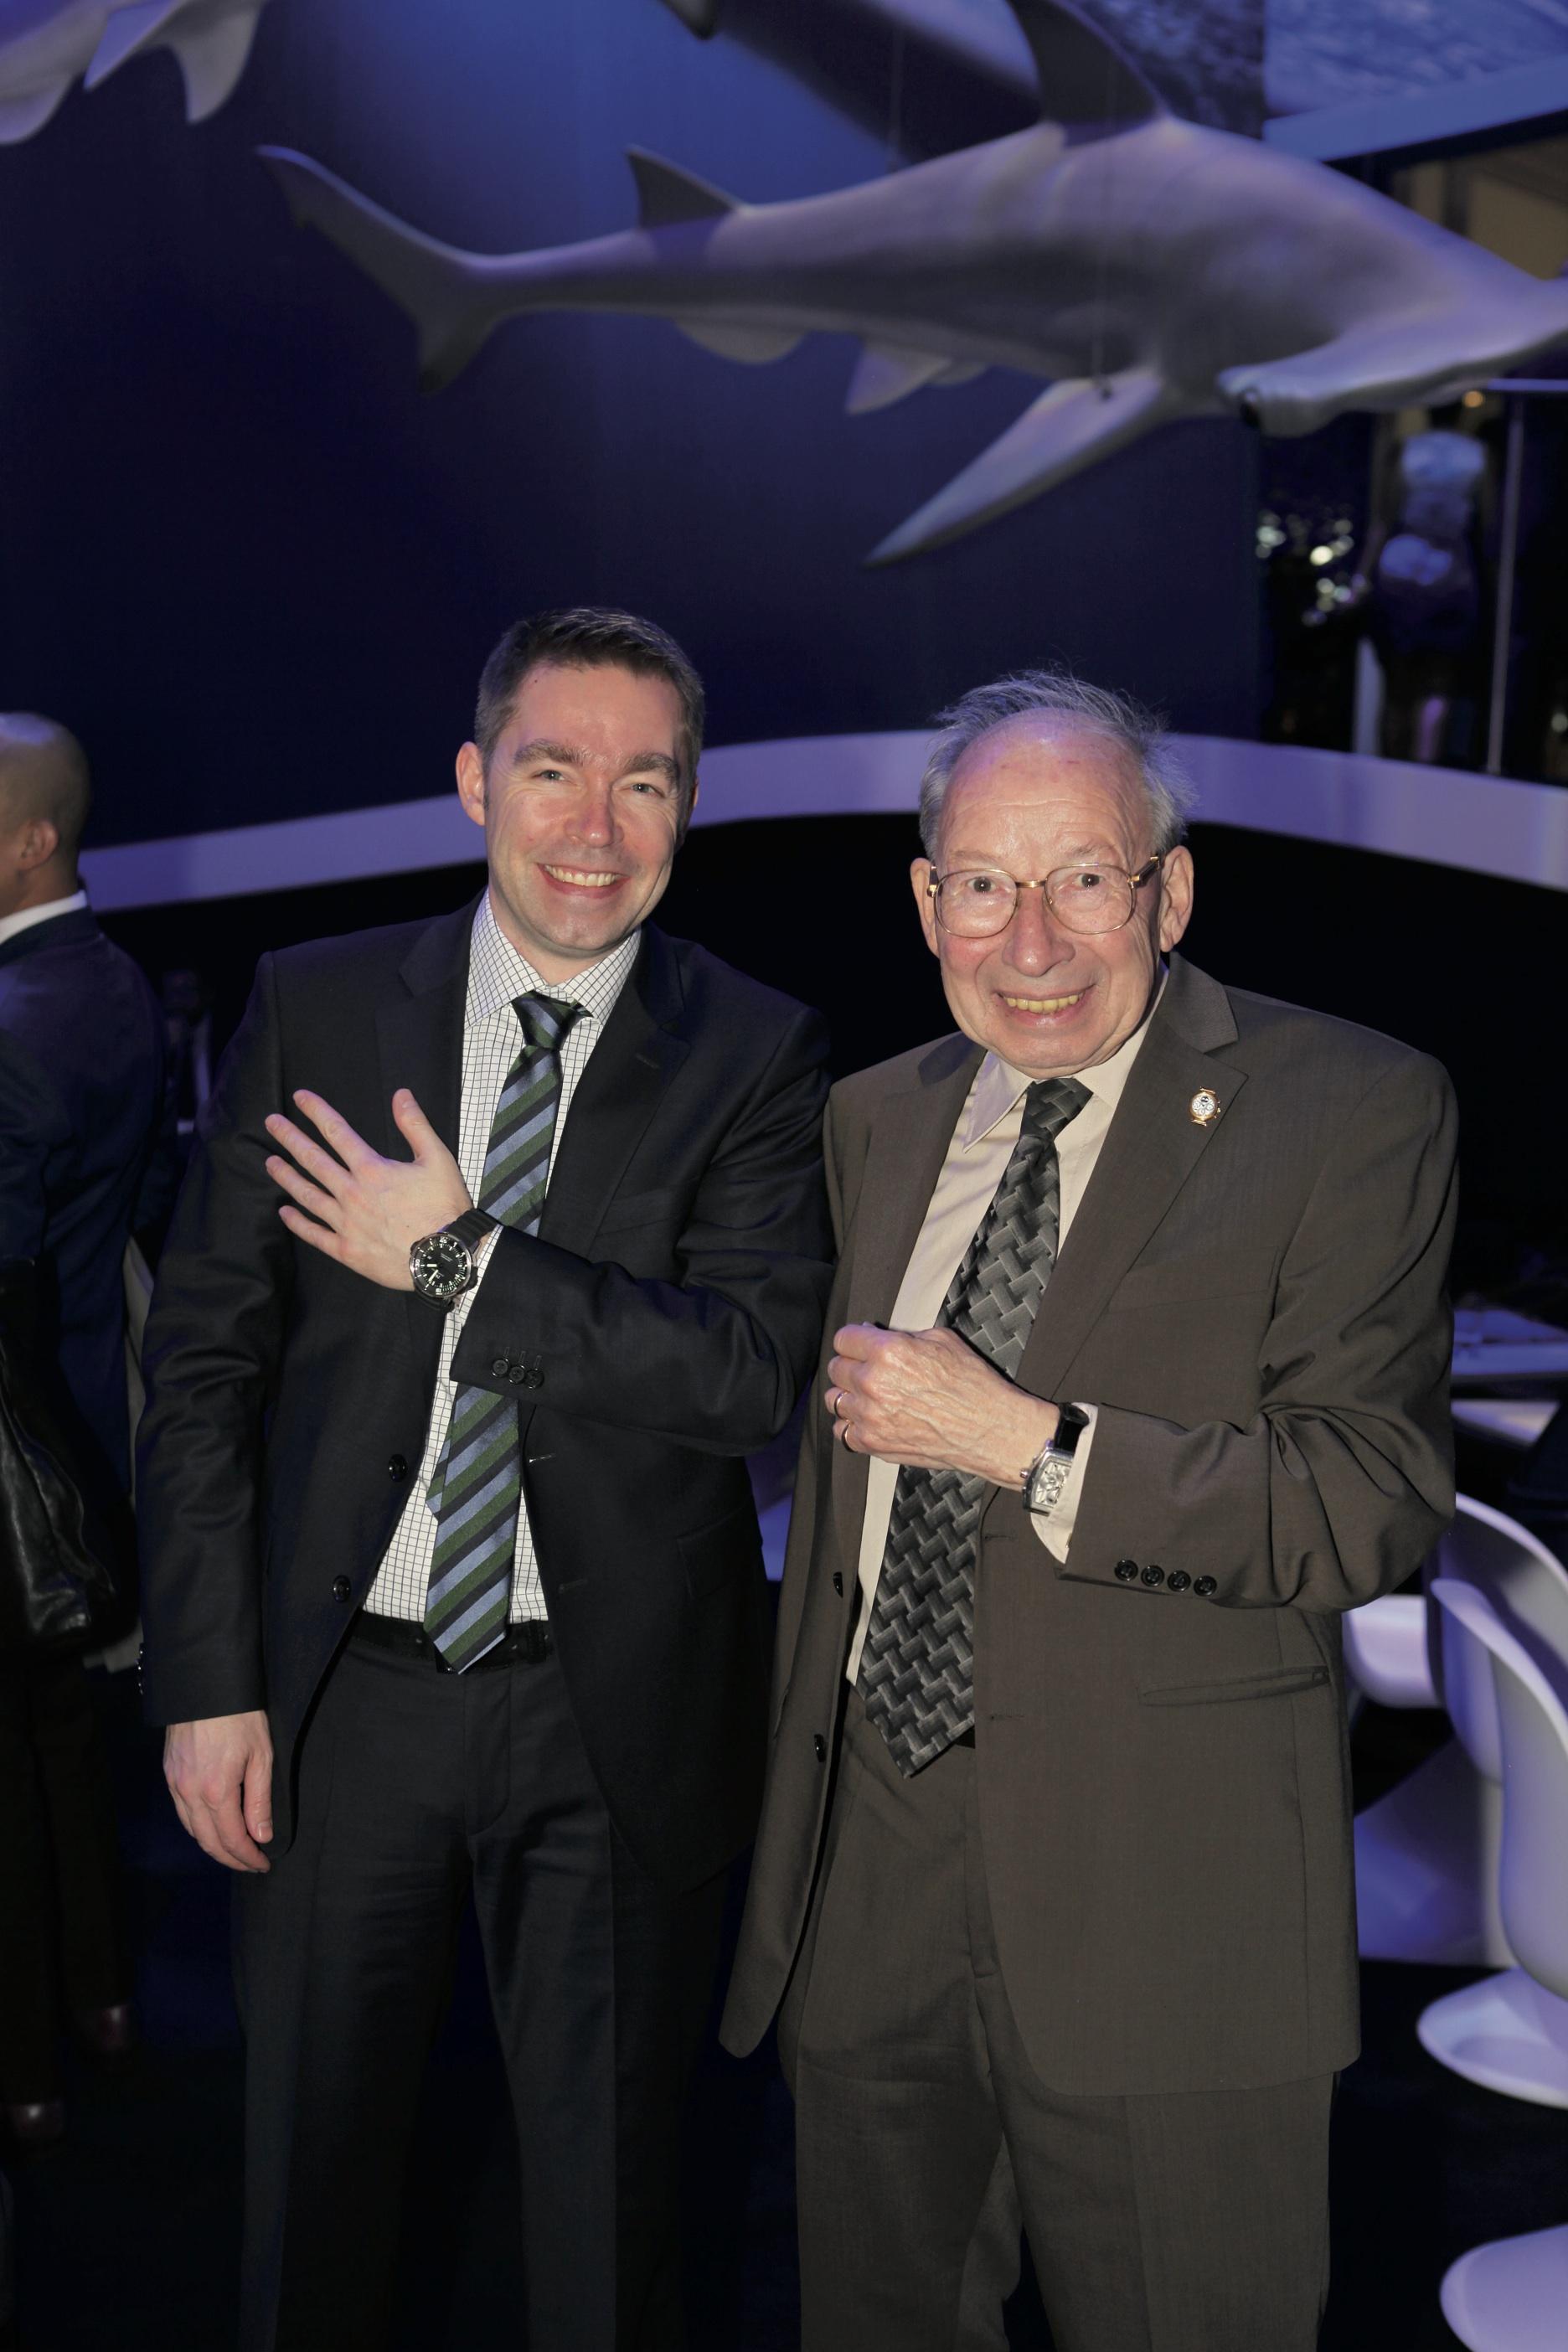 Stefan Ihnen and Kurt Klaus, IWC.